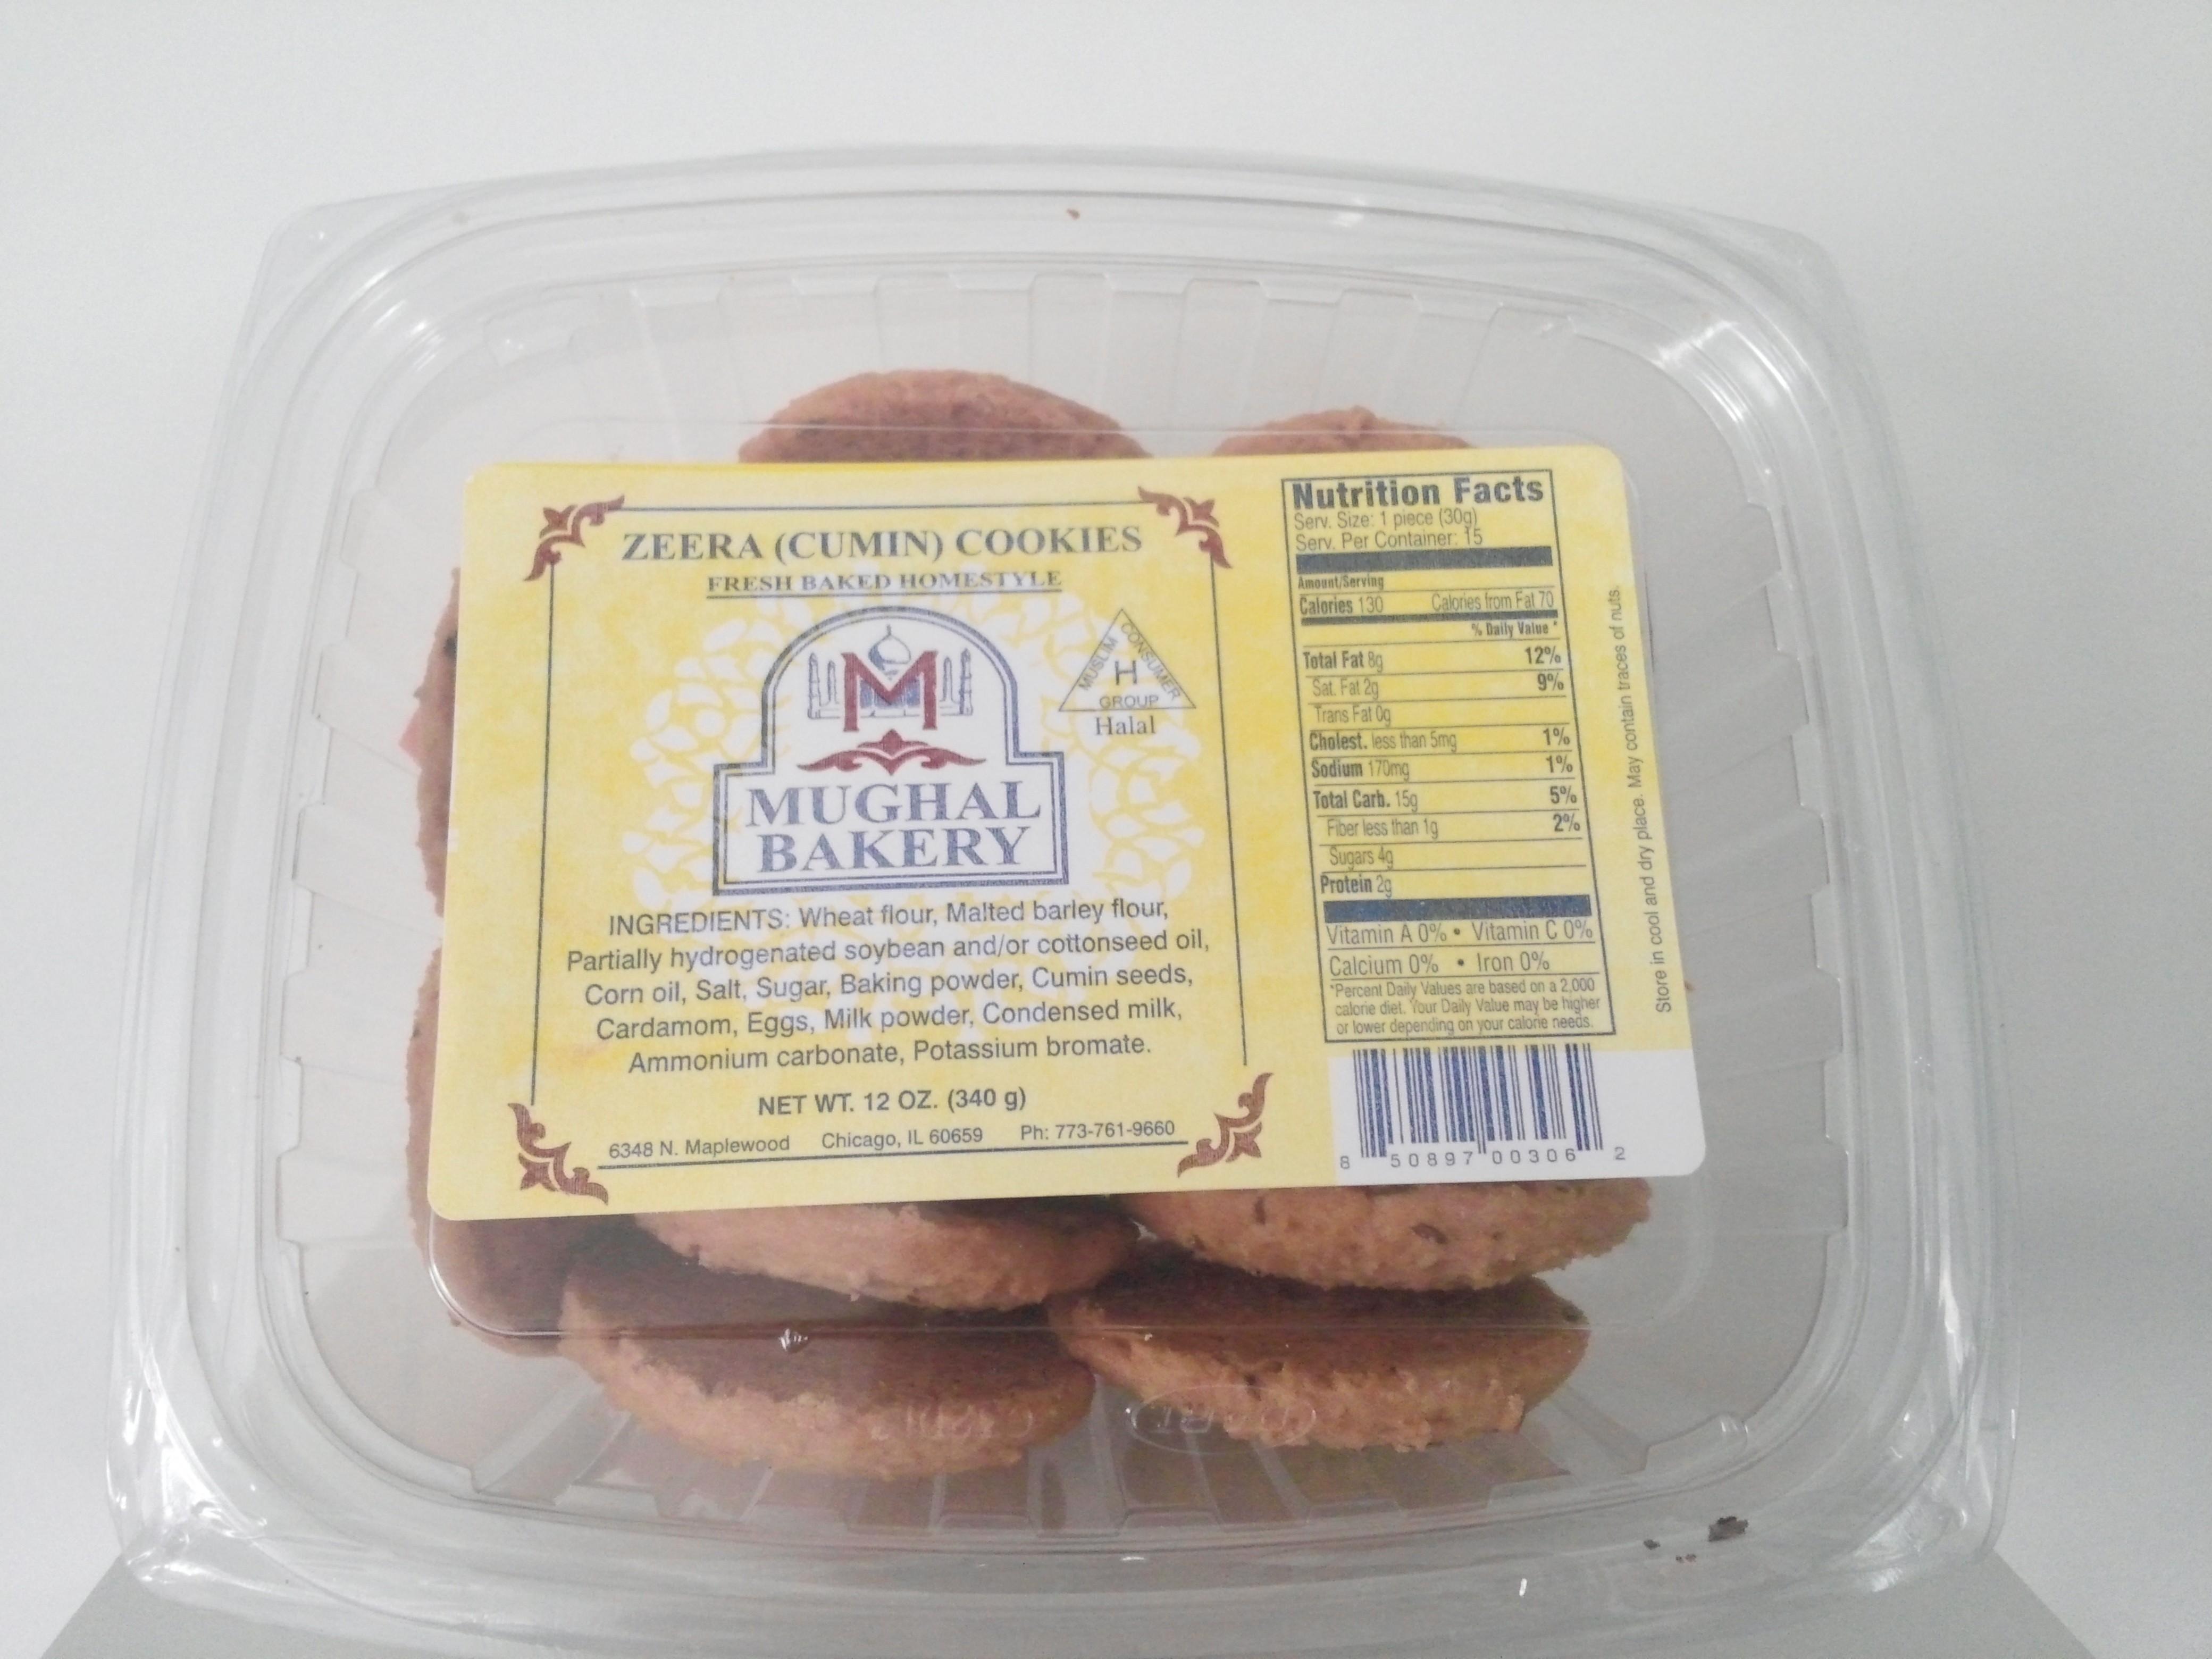 Mughal Bakery Zeera Cookies 12 oz